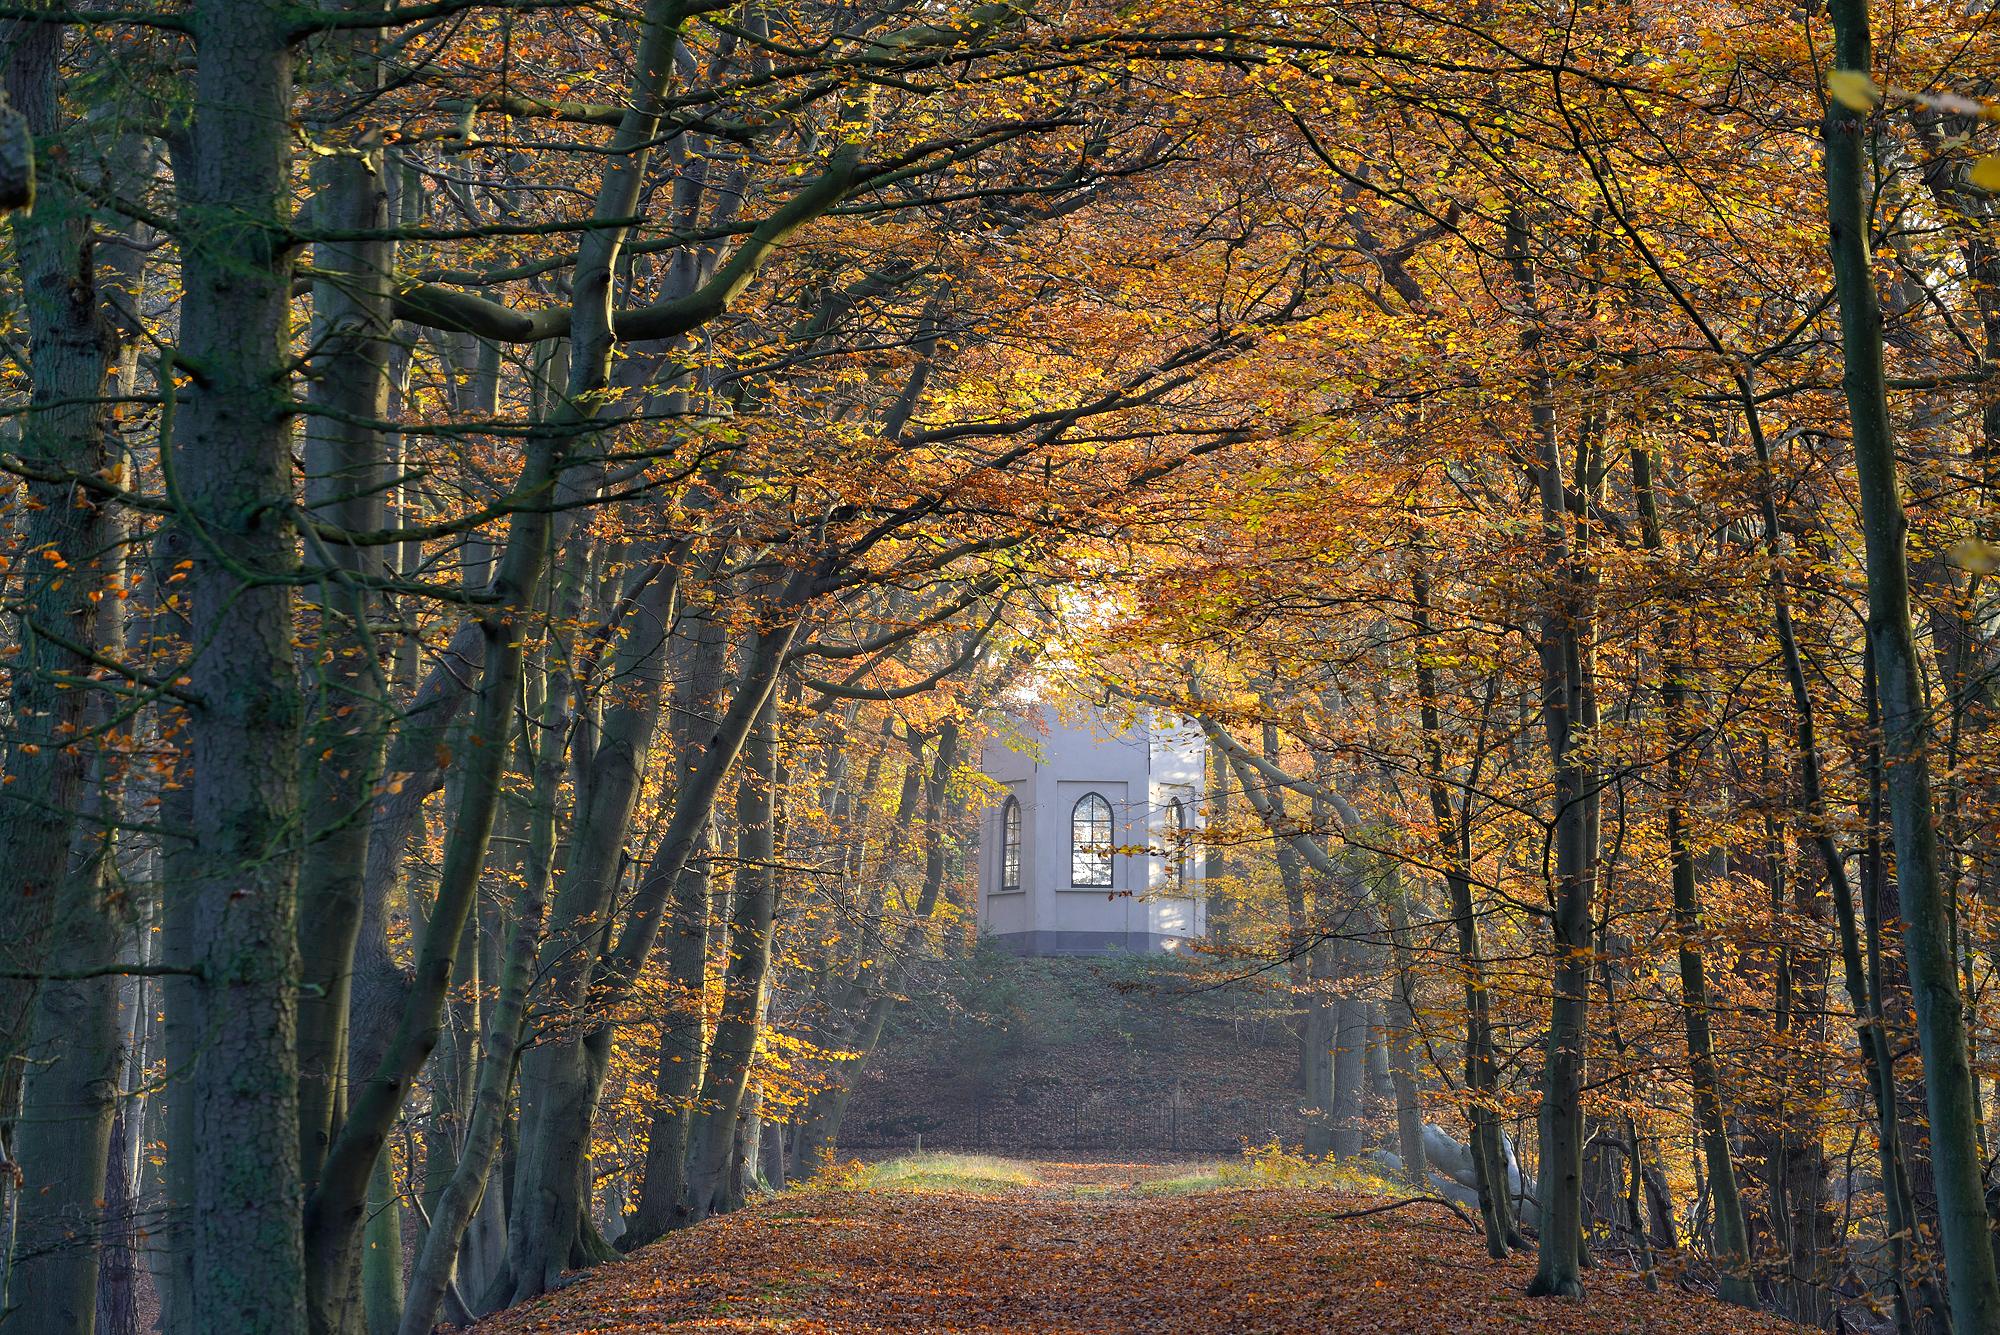 Zicht op het uitkijkpunt Belvedere door een bomenlaan met geel en oranje blad tijdens herfst op Buitenplaats Leyduin in Heemstede